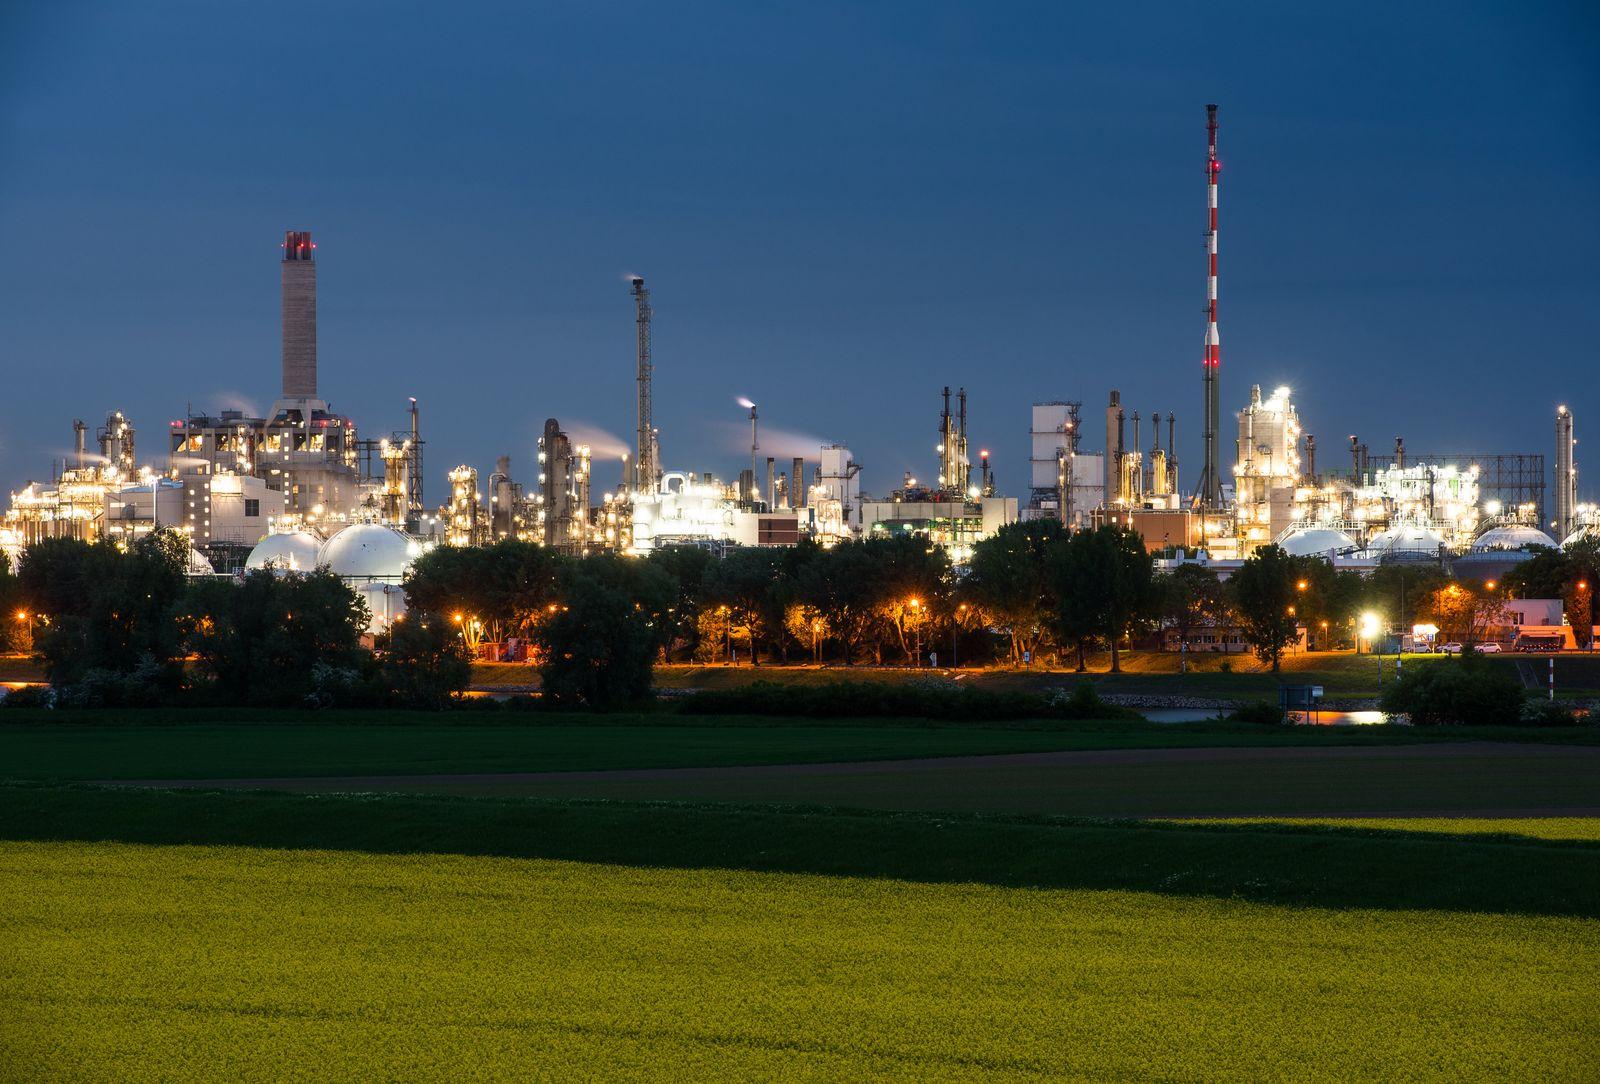 BASF streicht Jahresprognose zusammen - Aktienkurs sackt ab